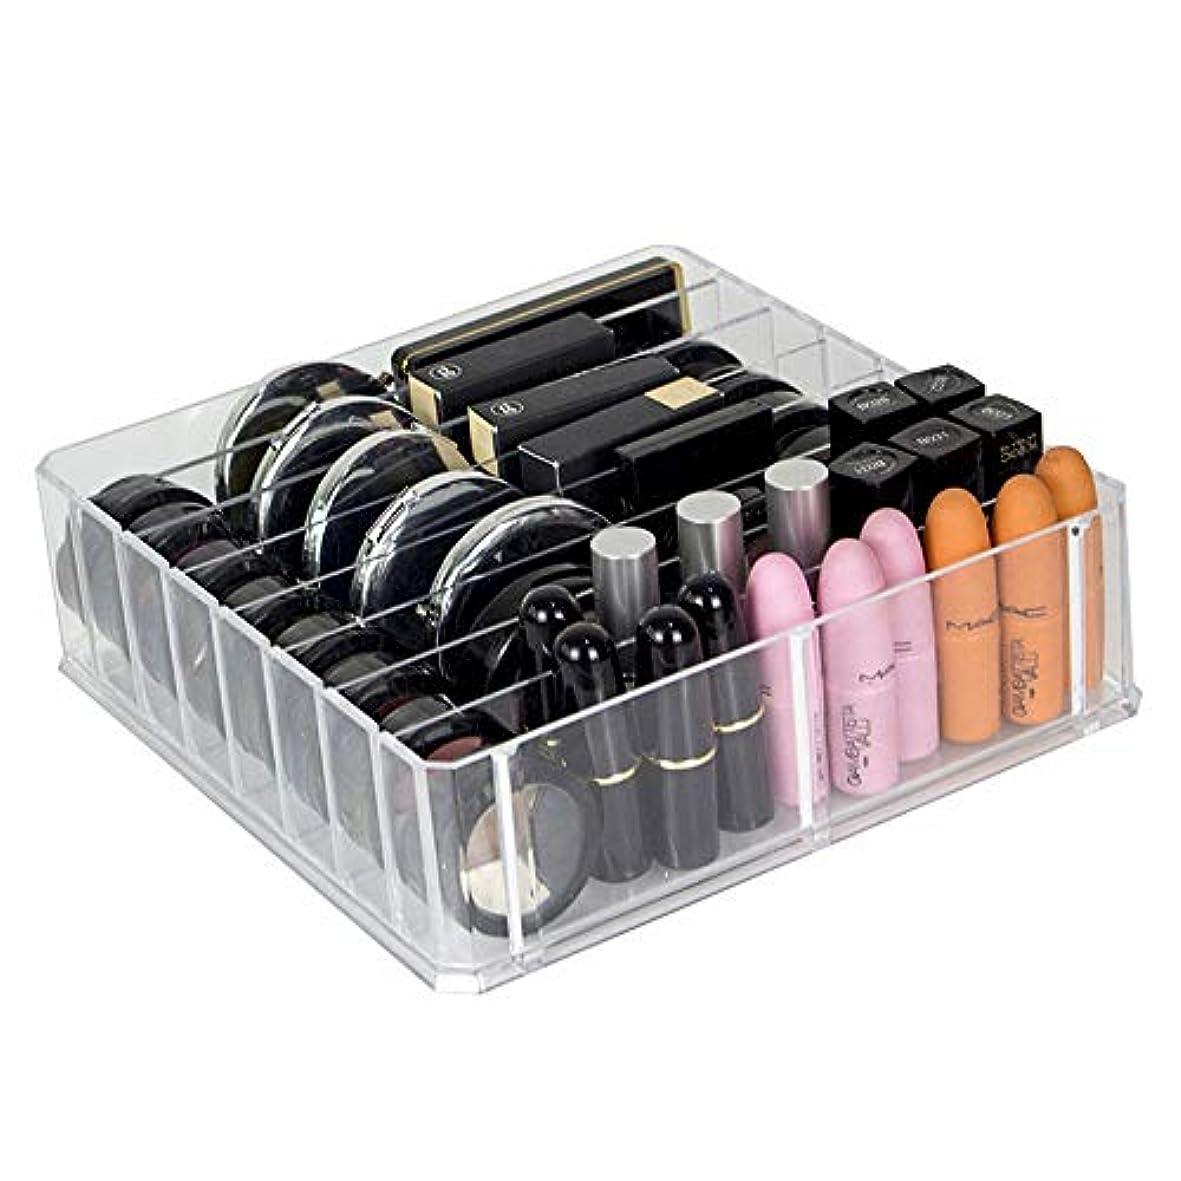 心のこもったバイナリハンドブック整理簡単 化粧台、化粧台、化粧台、化粧台、化粧台、化粧台、化粧台、その他 (Color : Clear, Size : 24.6*24*7CM)